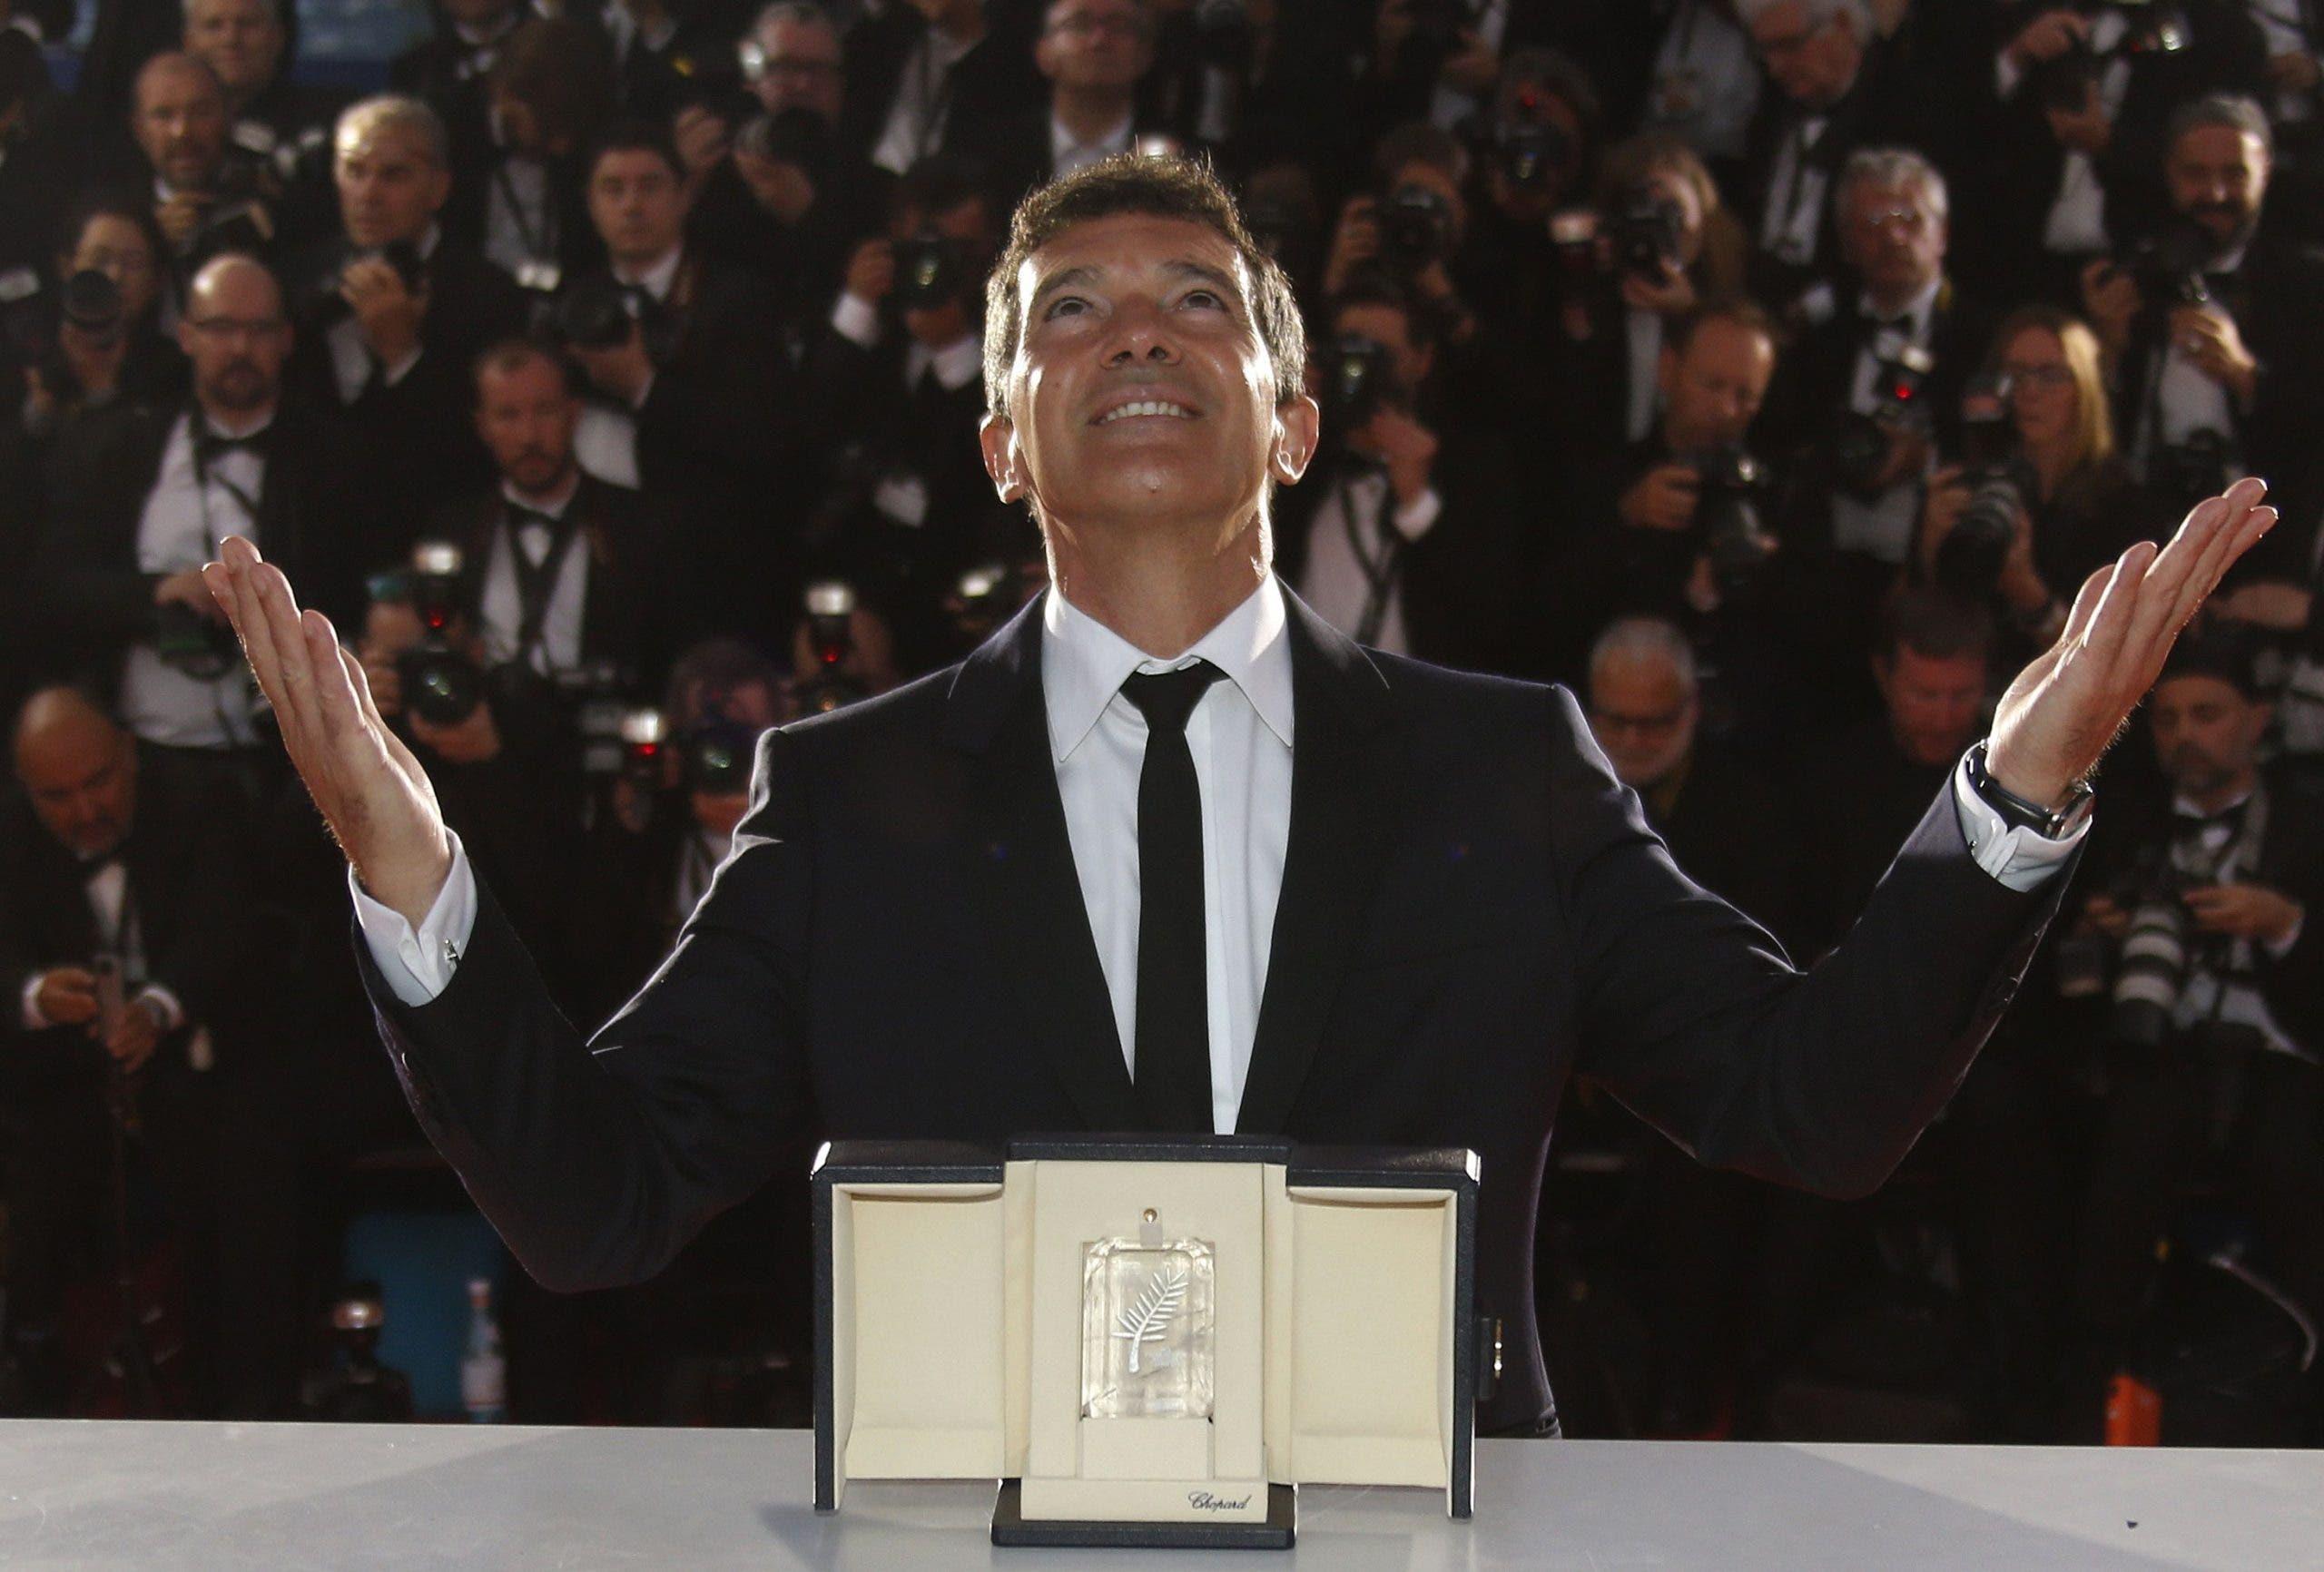 Banderas Cannes